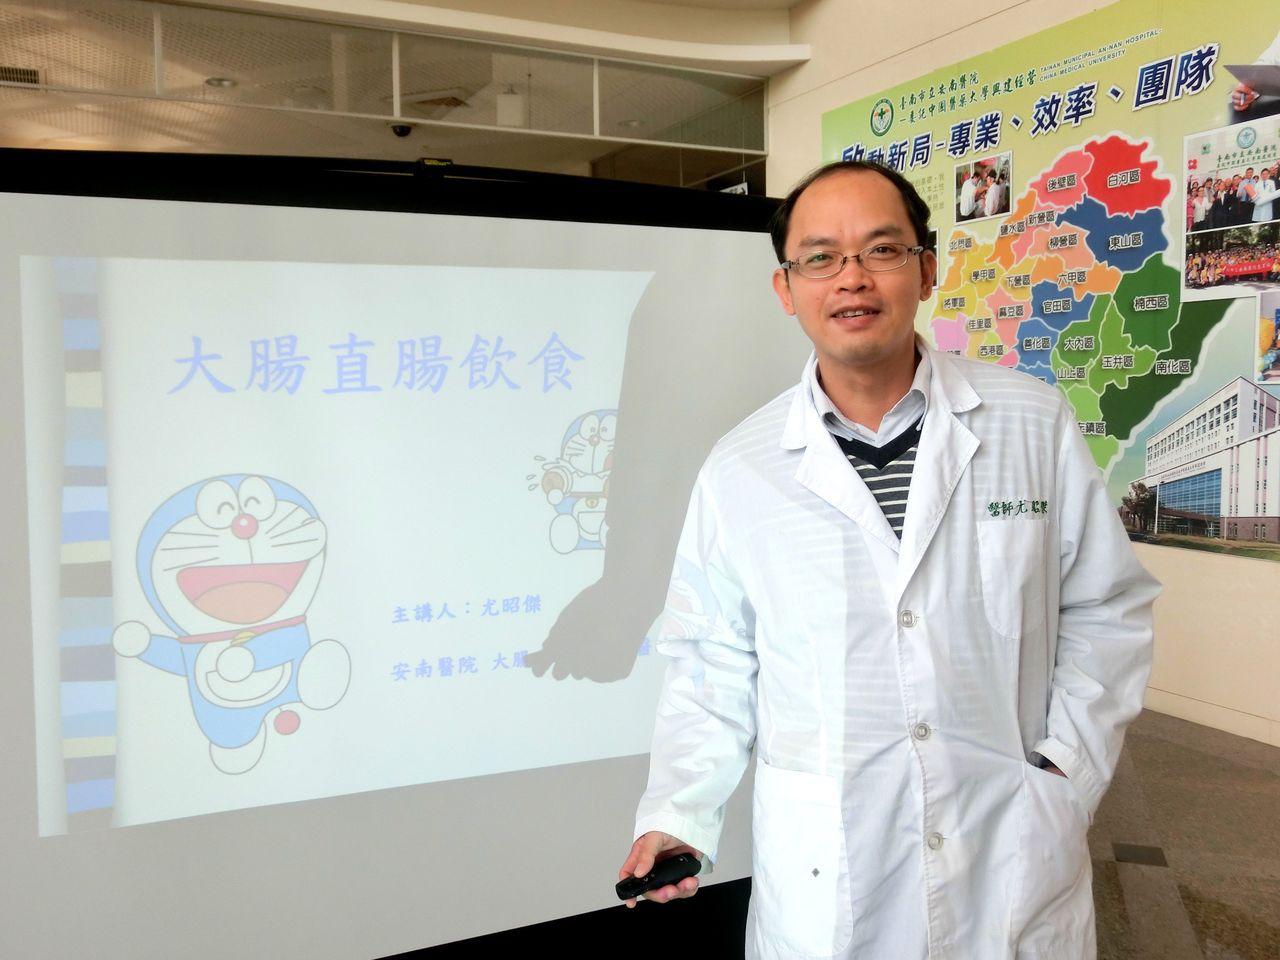 台南安南醫院大腸直腸外科醫師尤昭傑。圖/安南提供